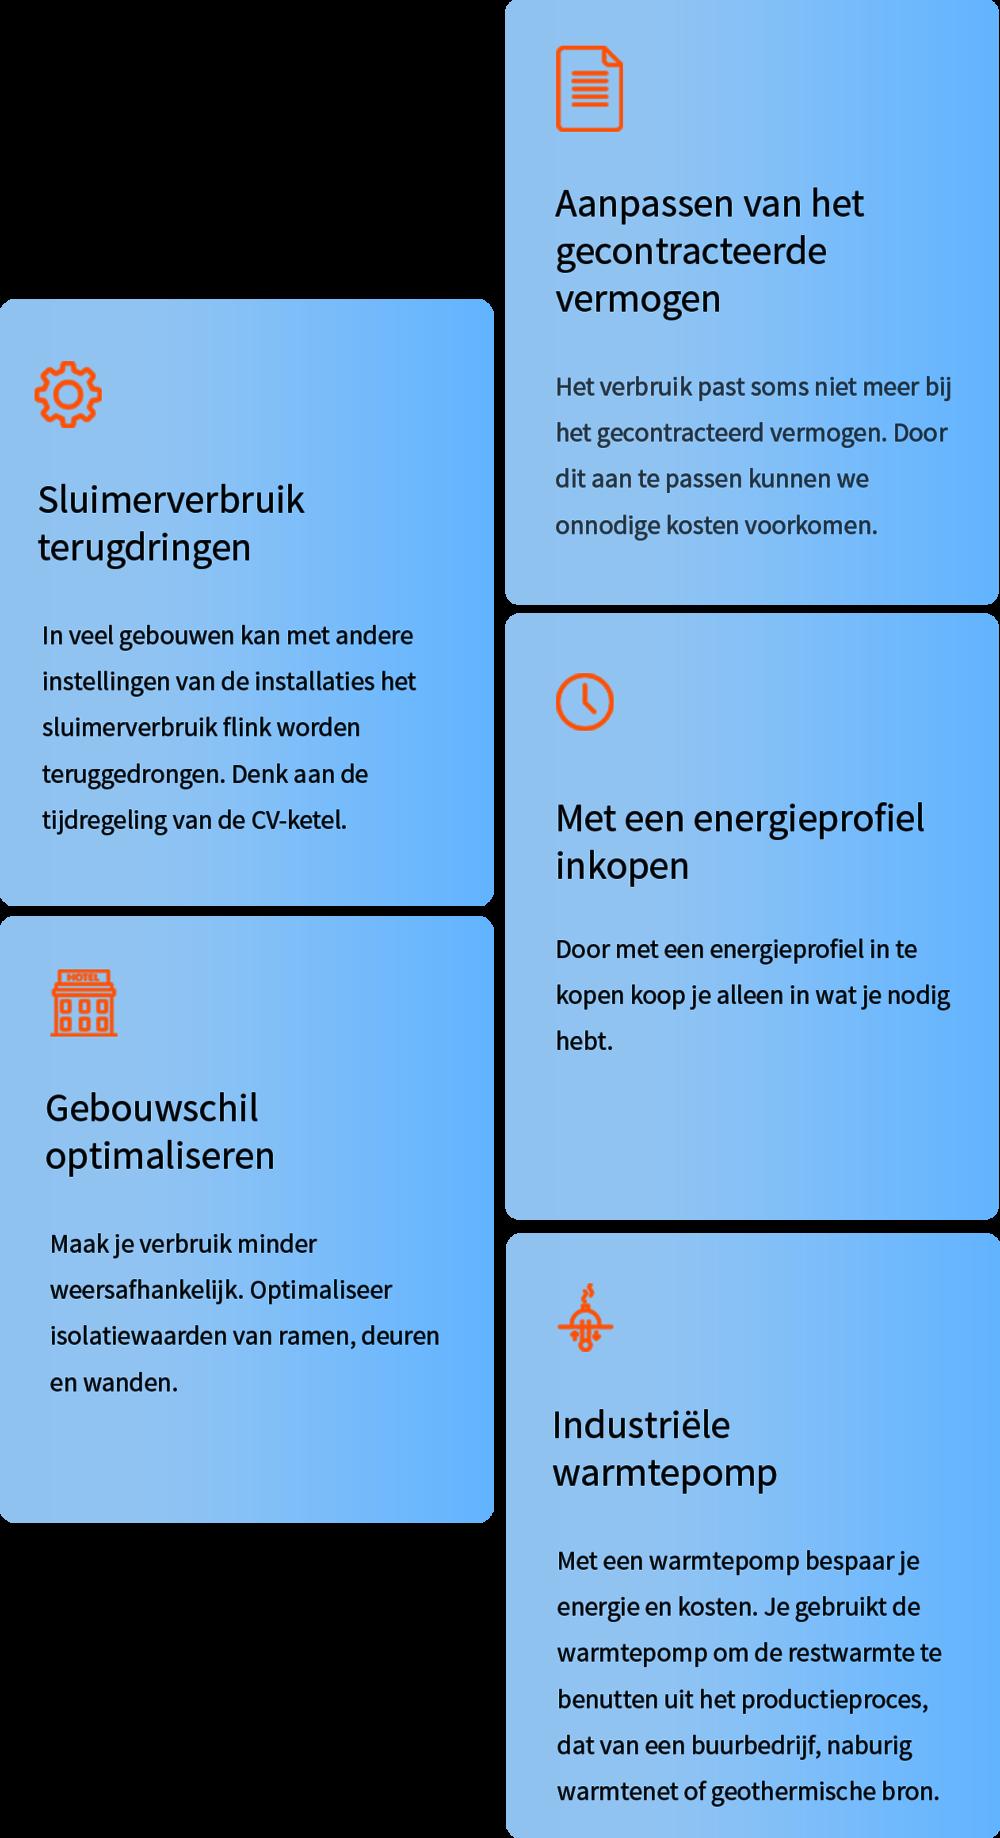 Voorbeelden energiebesparende maatregelen@2x.png